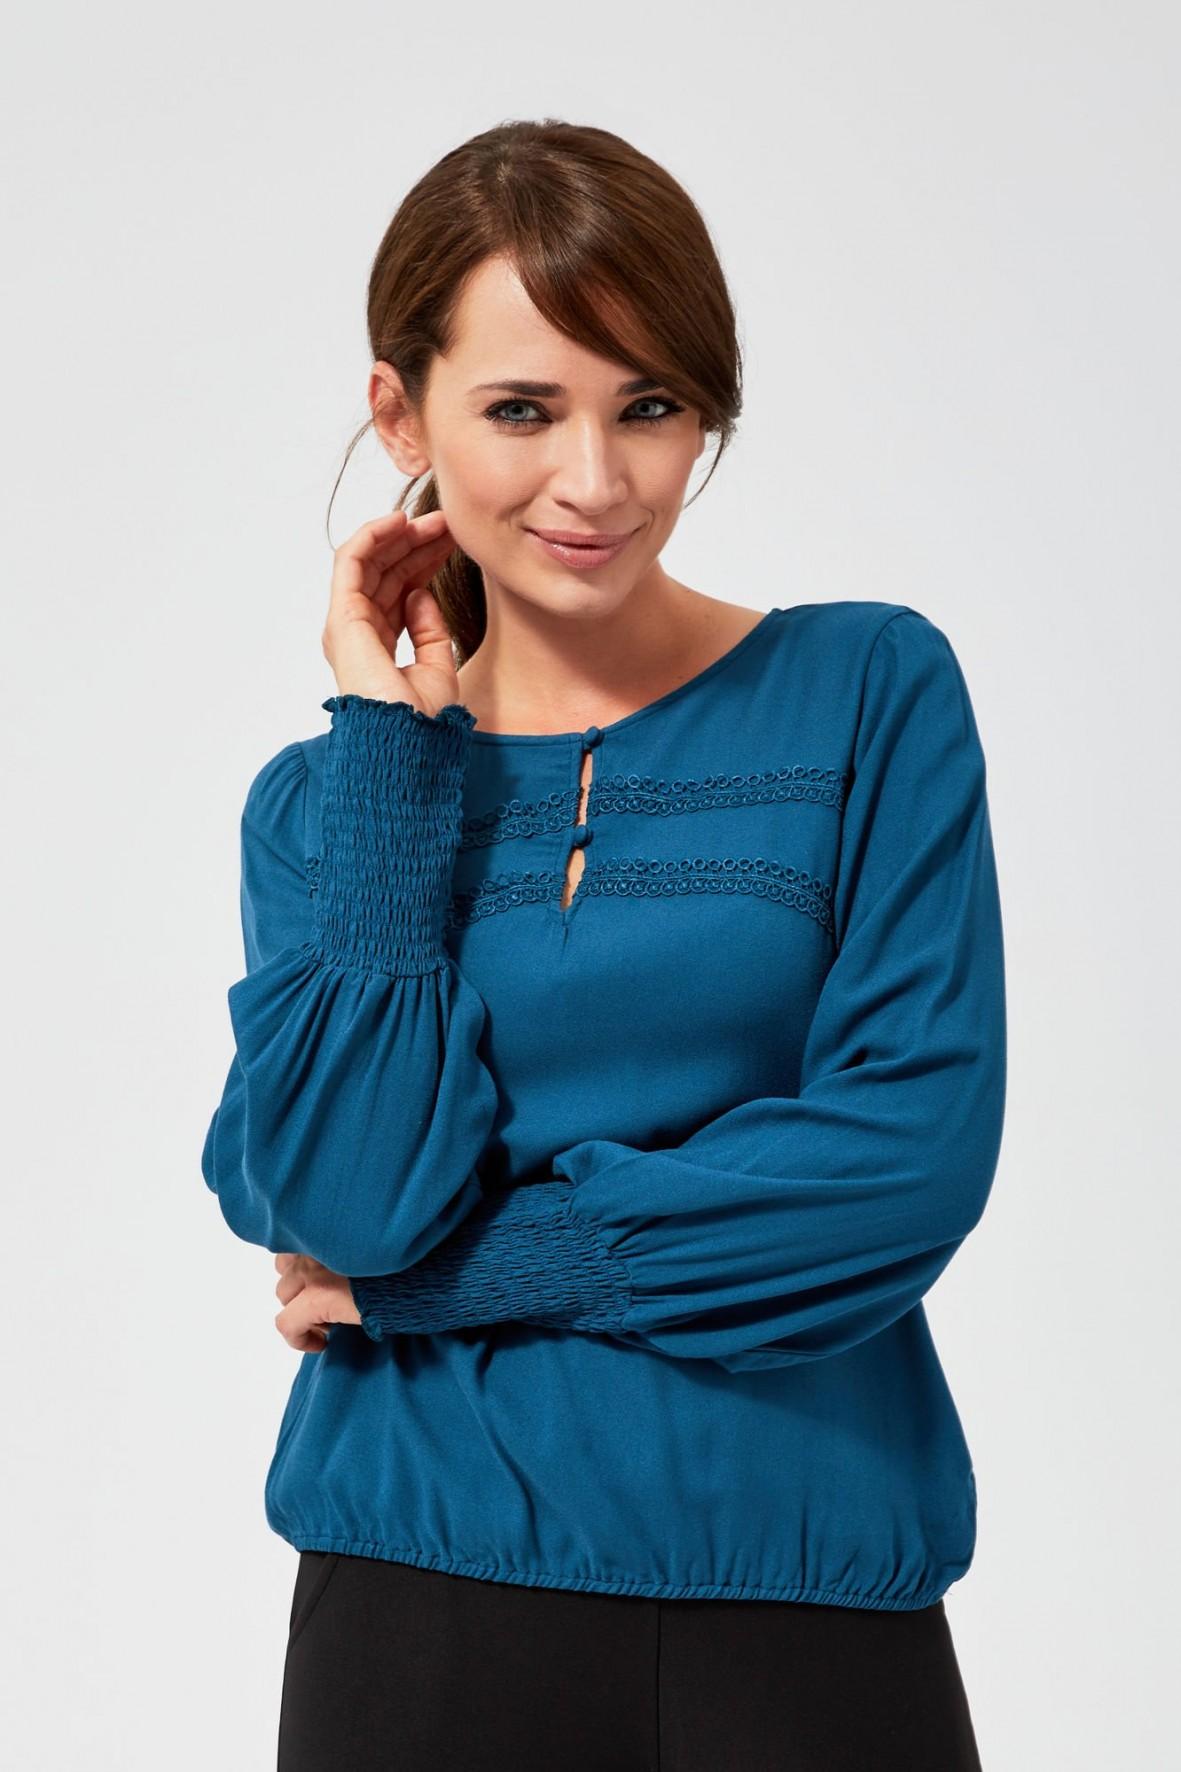 Turkusowa bluzka damska ze ściągaczami